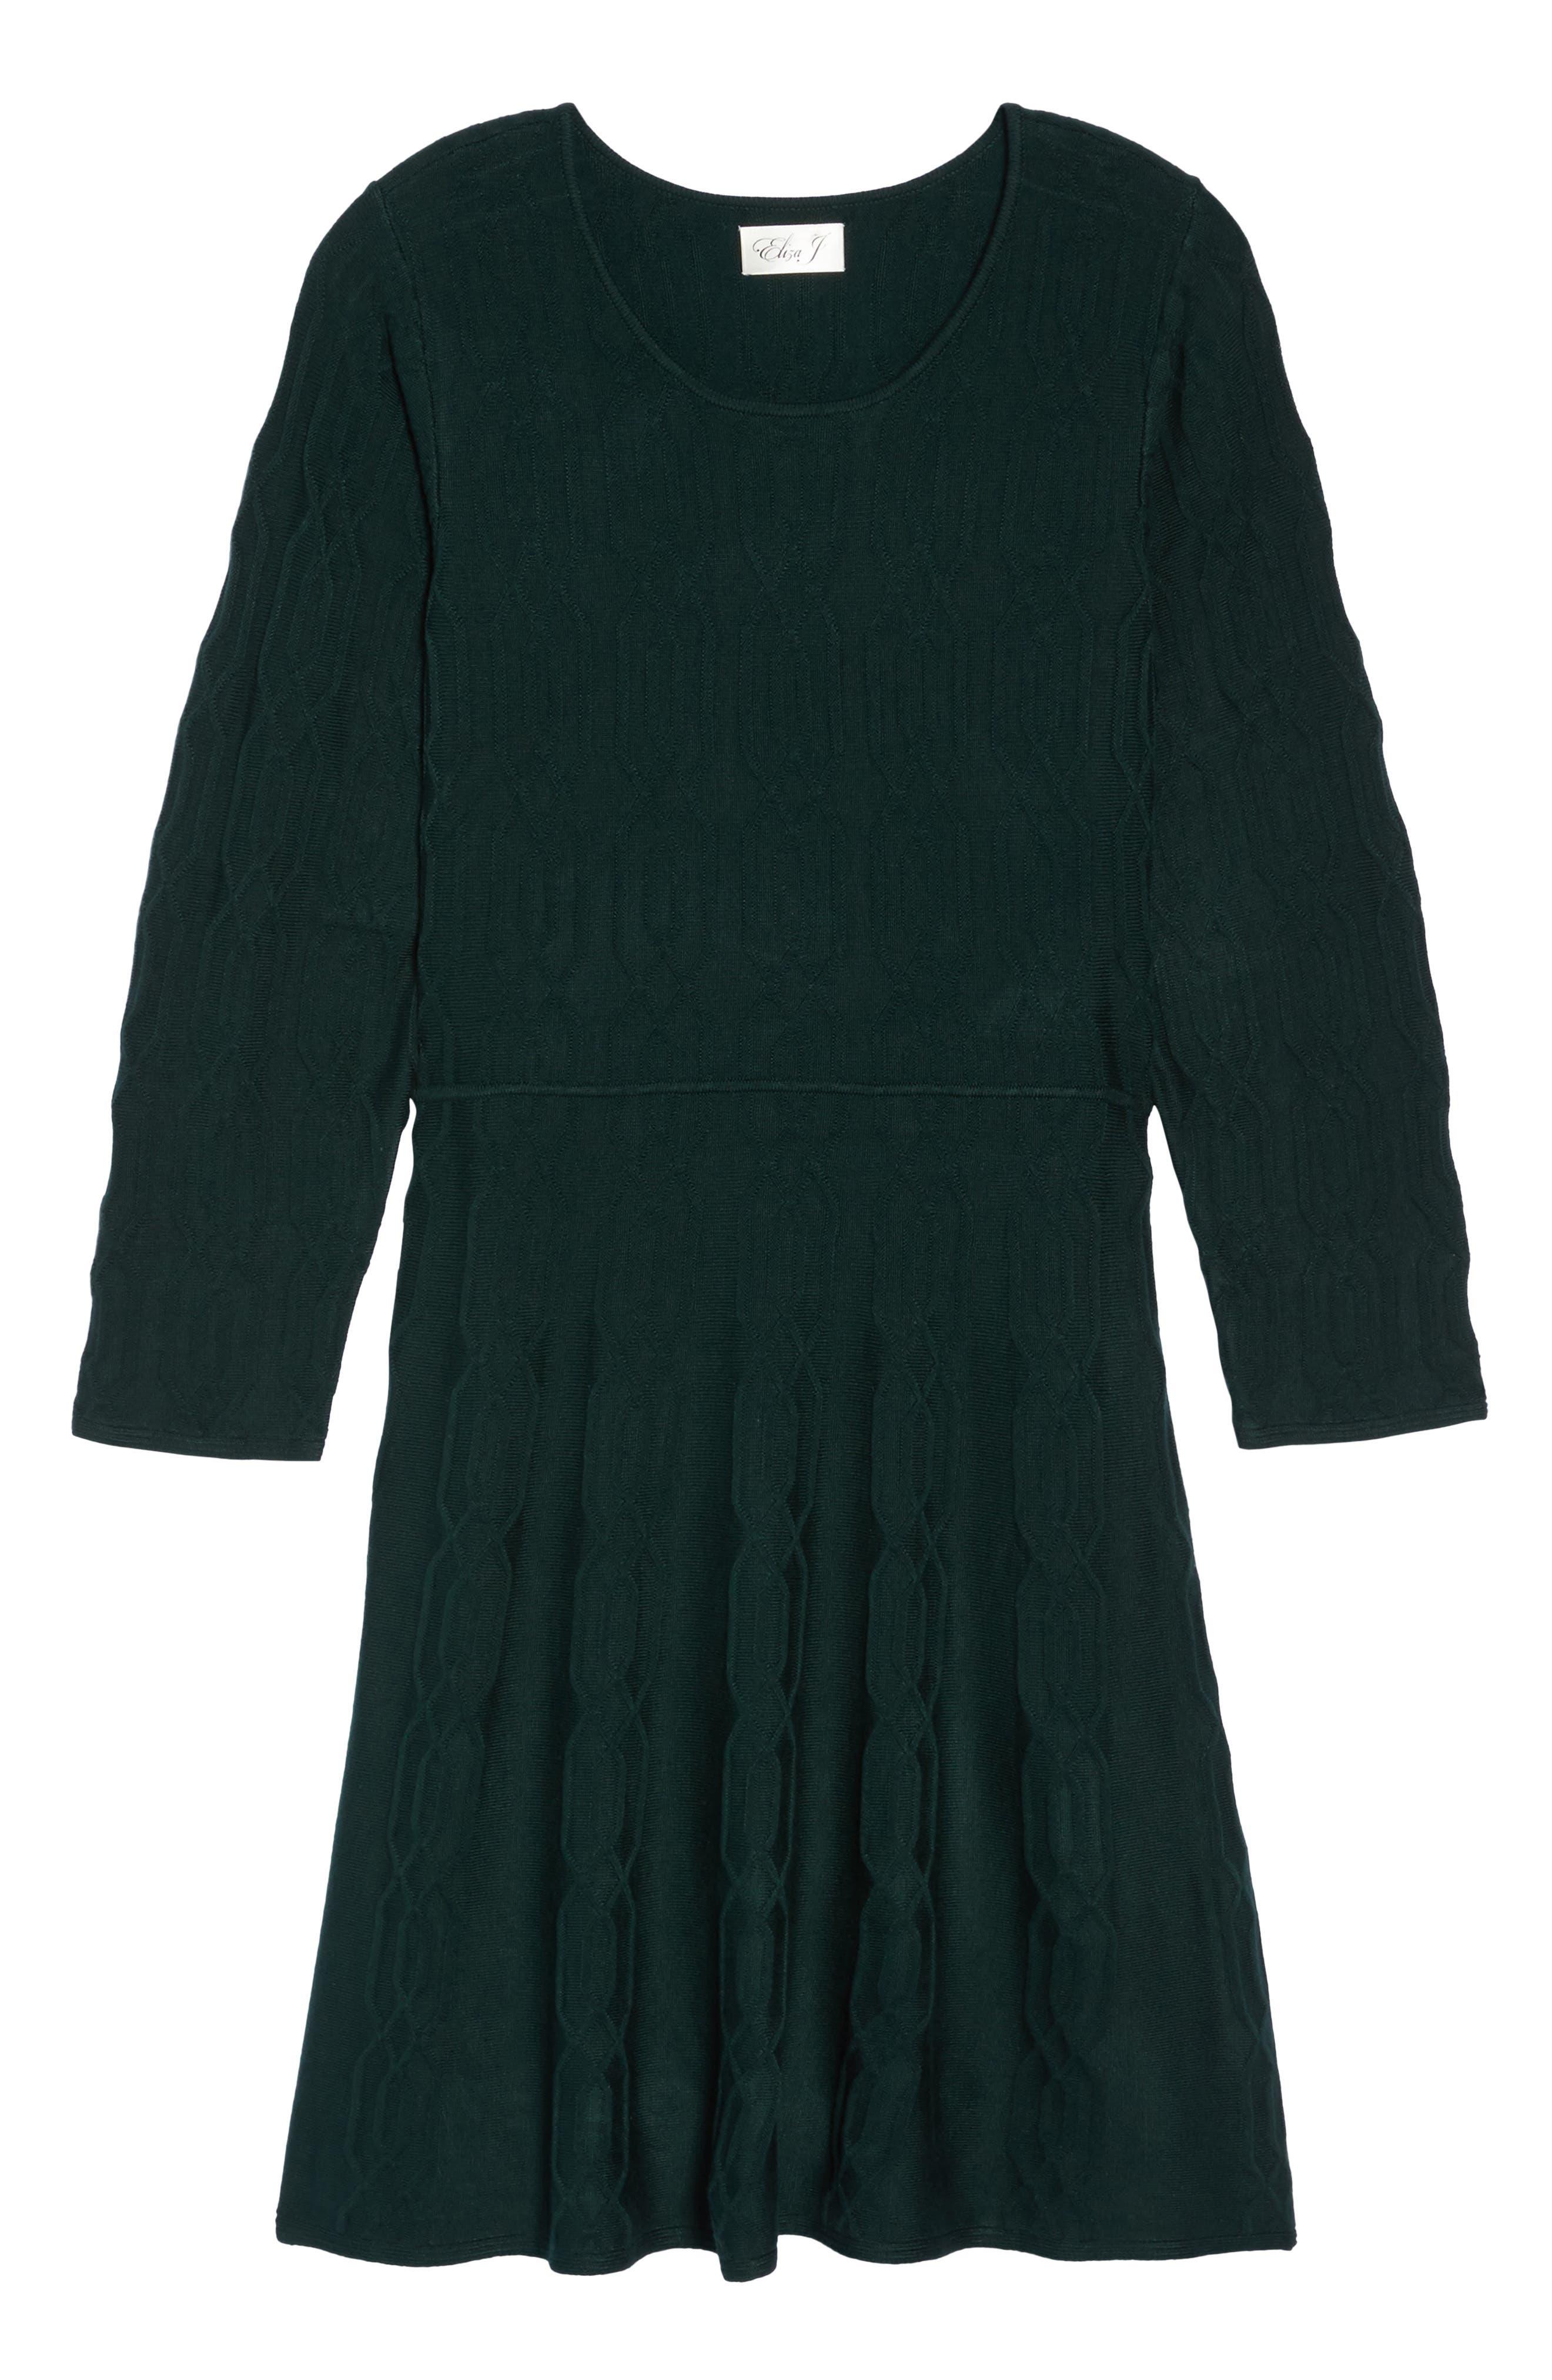 ELIZA J,                             Jacquard Knit Fit & Flare Dress,                             Alternate thumbnail 6, color,                             310